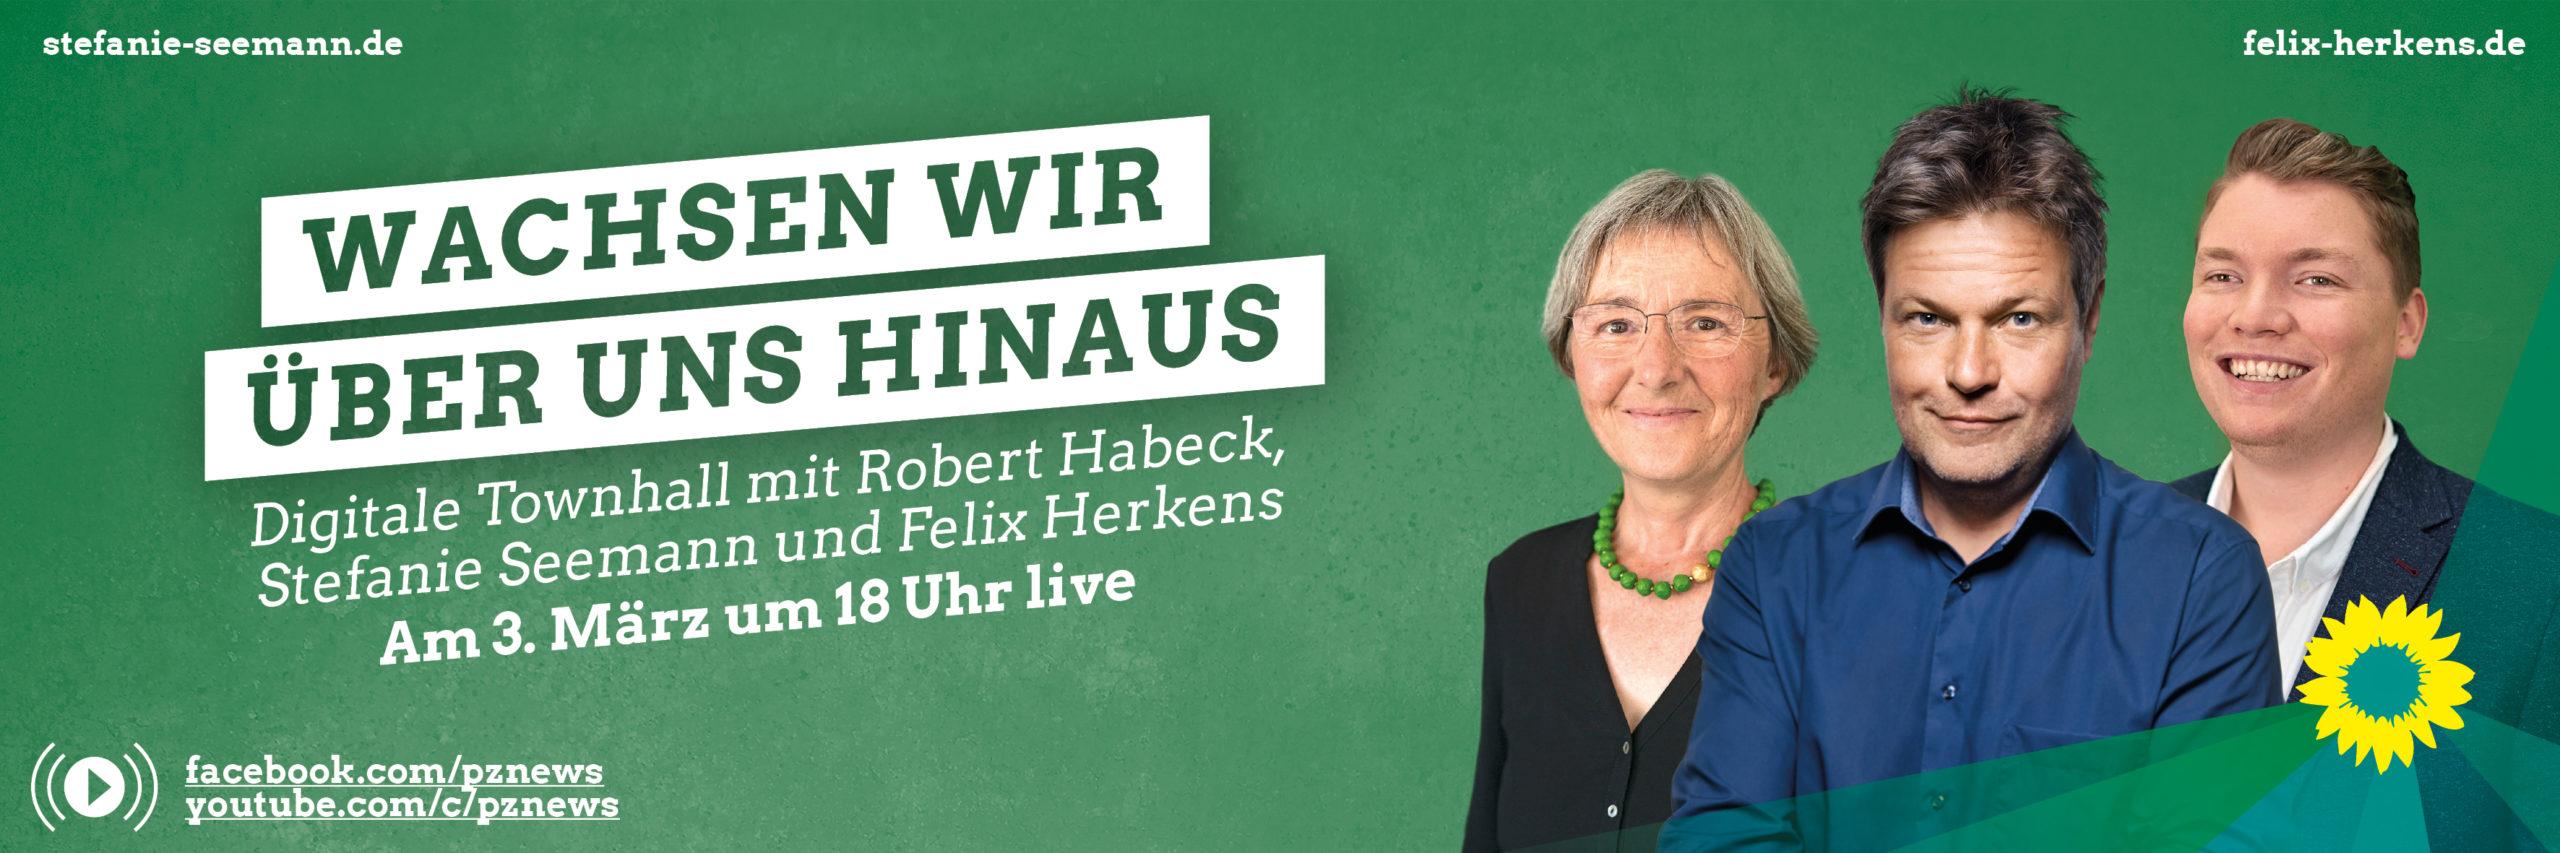 Wachsen wir über uns Hinaus. Digitale Townhall mit Robert Habeck, Stefanie Seemann und Felix Herkens im Kulturhaus Osterfeld. Live am 3. März um 18 Uhr auf facebook.com/pznews und youtube.com/c/pznews